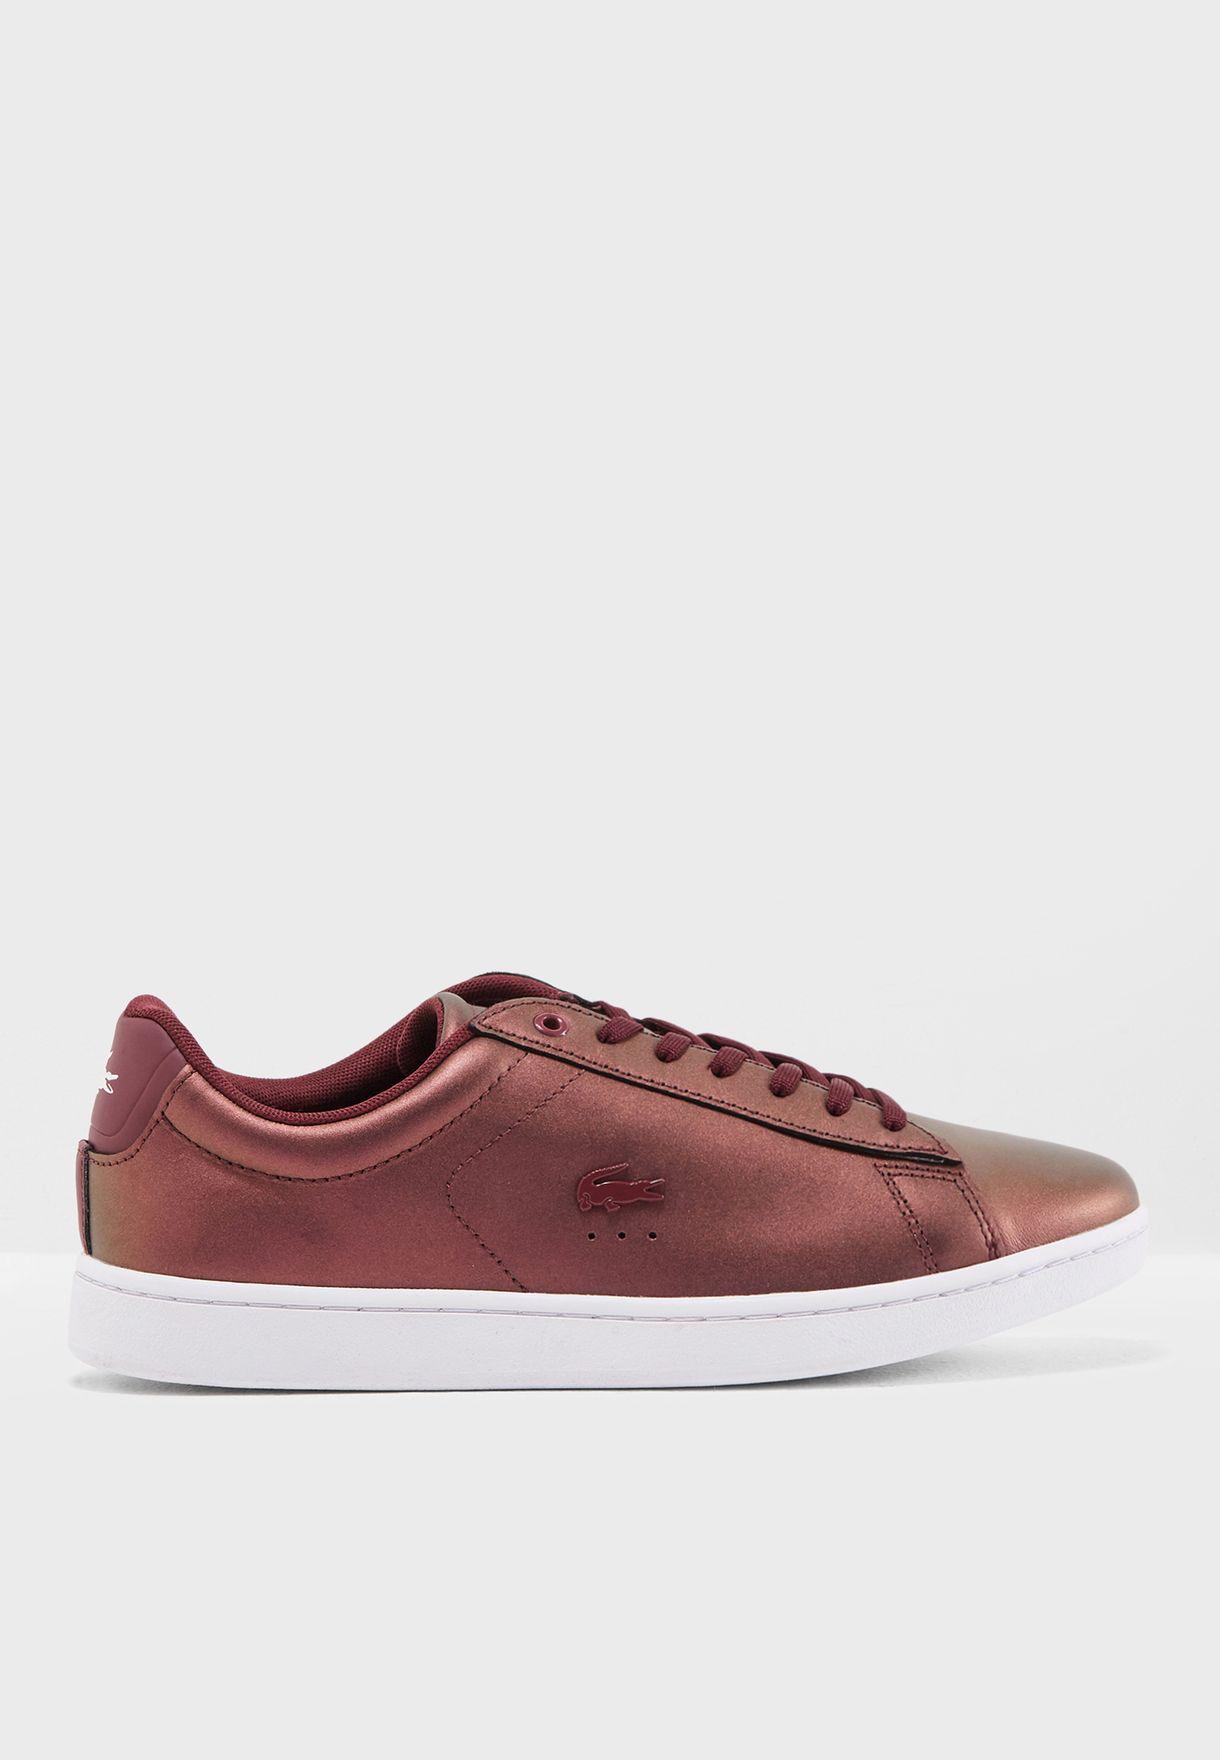 2034390fdf5c Shop Lacoste burgundy Carnaby Evo 318 5 Spw Sneaker 736SPW0013 for Women in  Bahrain - LA014SH93YYK